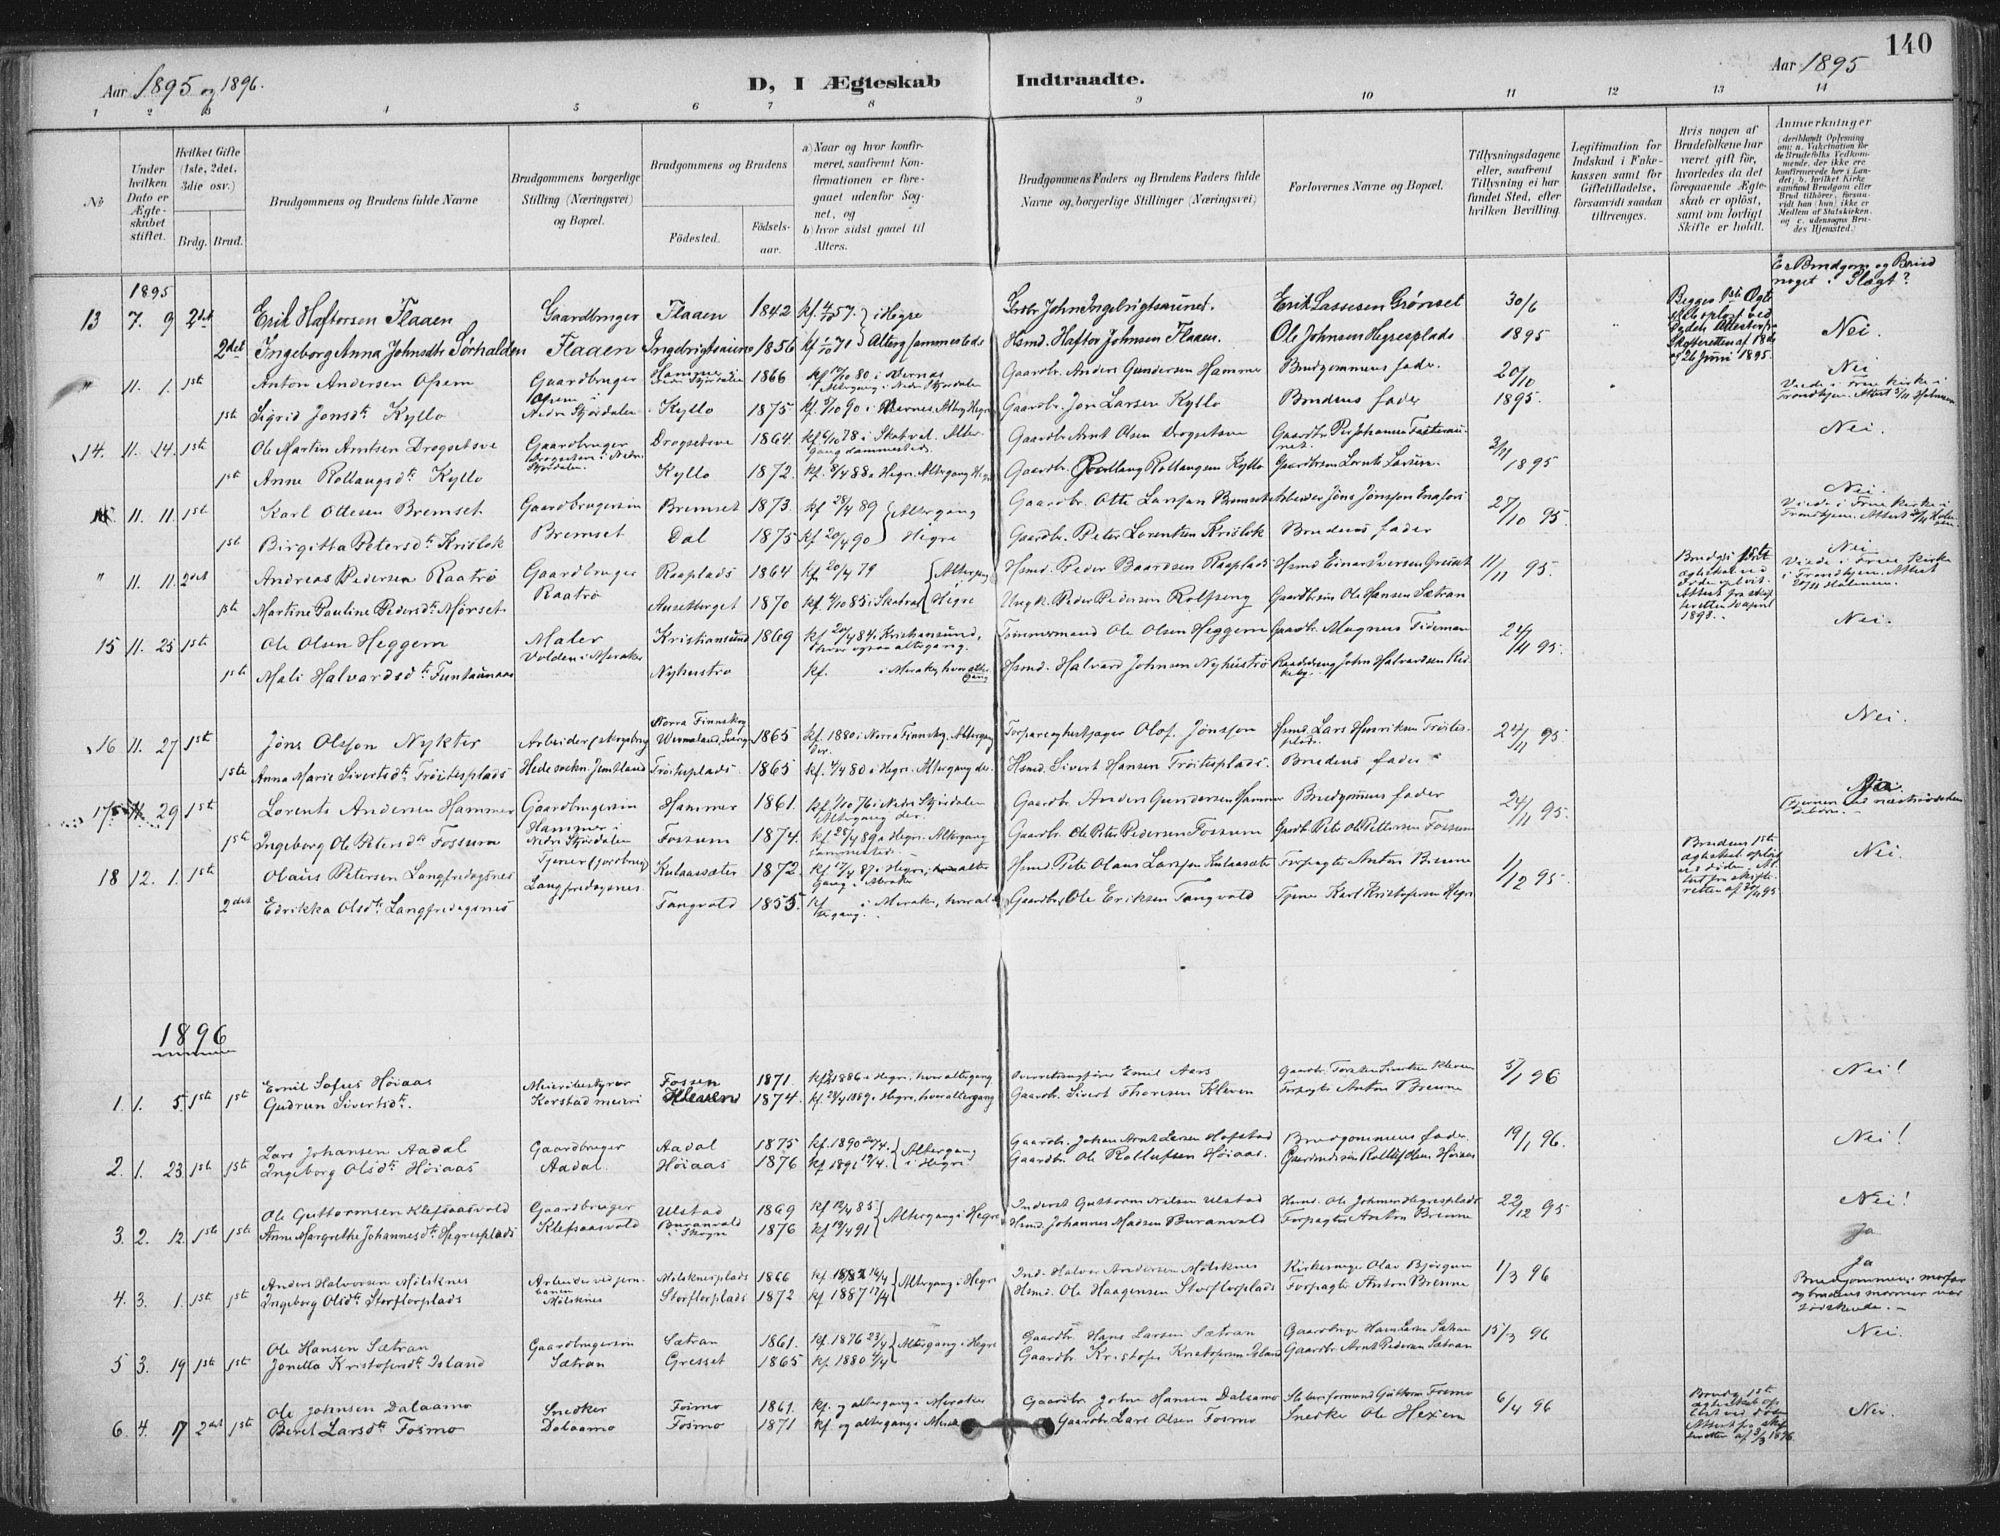 SAT, Ministerialprotokoller, klokkerbøker og fødselsregistre - Nord-Trøndelag, 703/L0031: Ministerialbok nr. 703A04, 1893-1914, s. 140